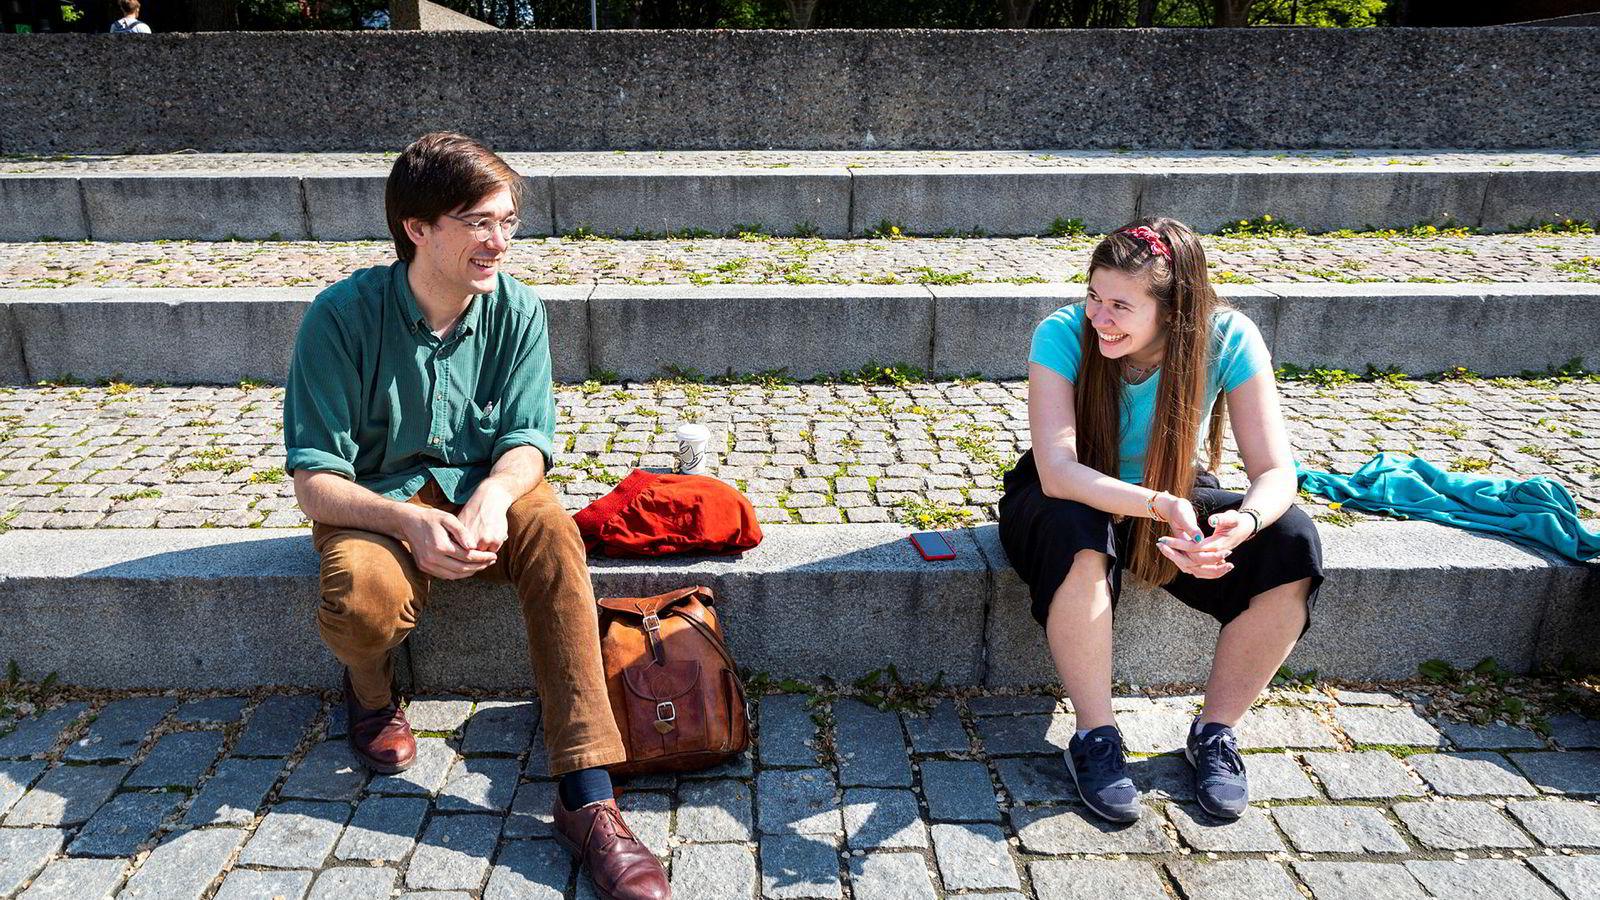 Ivar Haugerud og Ylva Knausgård Hommedal begynner på mastergrad i fysikk ved UiO til høsten. Begge kunne tenke seg å bruke fysikk til noe som har betydning for klima og miljø.